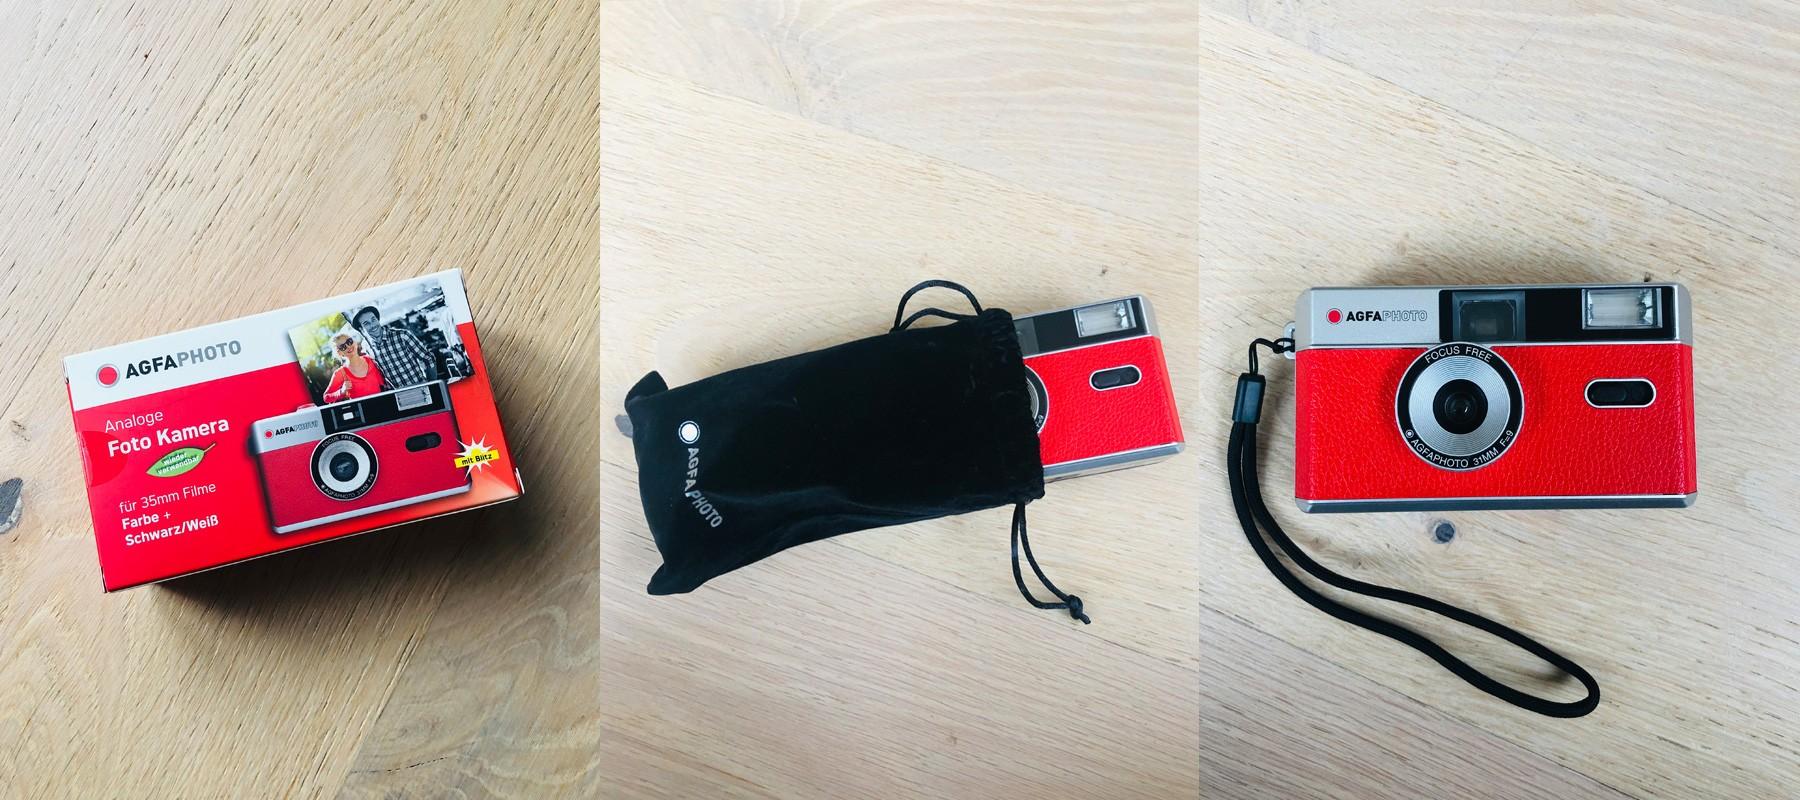 Agfa reusable 35mm camera